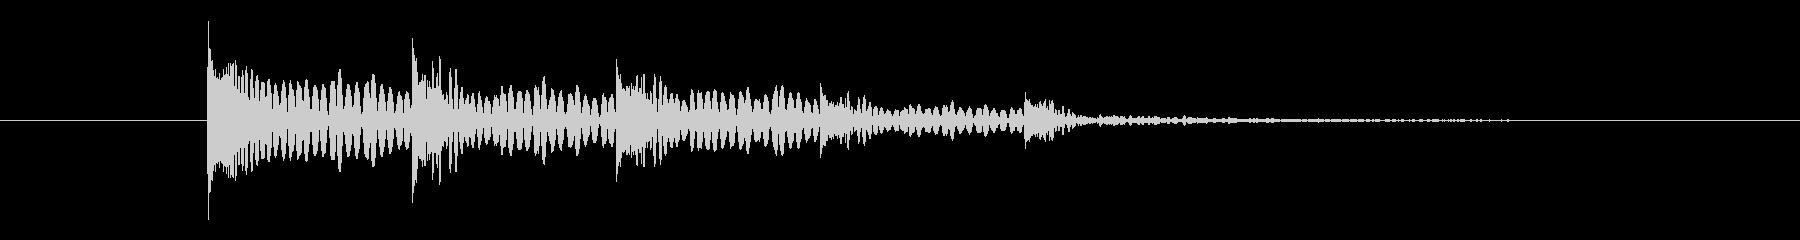 ドンドンと左右に残響が広がる音の未再生の波形